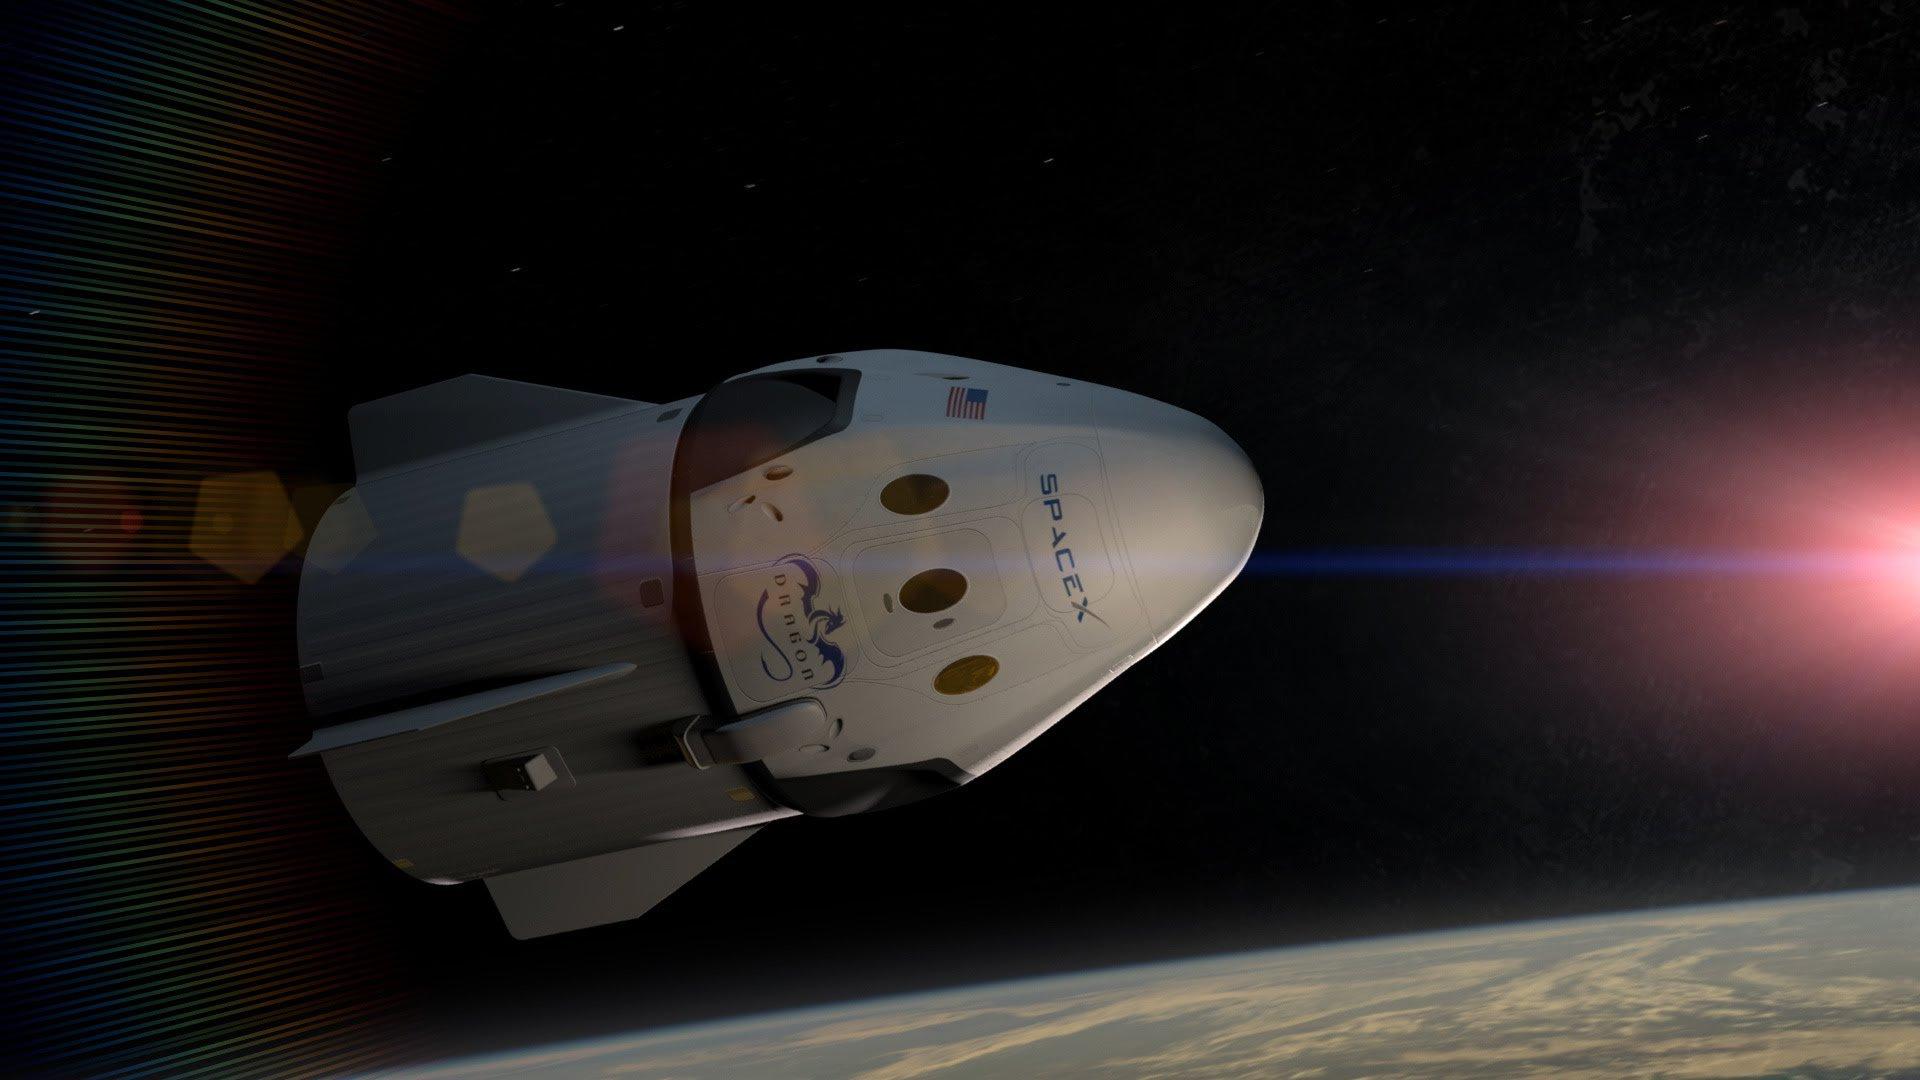 Российские космонавты в будущем смогут летать на МКС на кораблях SpaceX